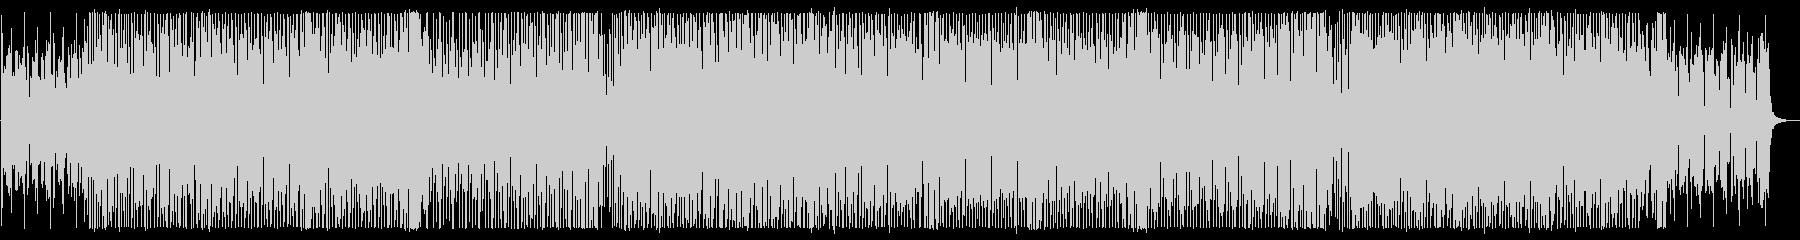 ポップなテクノサウンドの未再生の波形